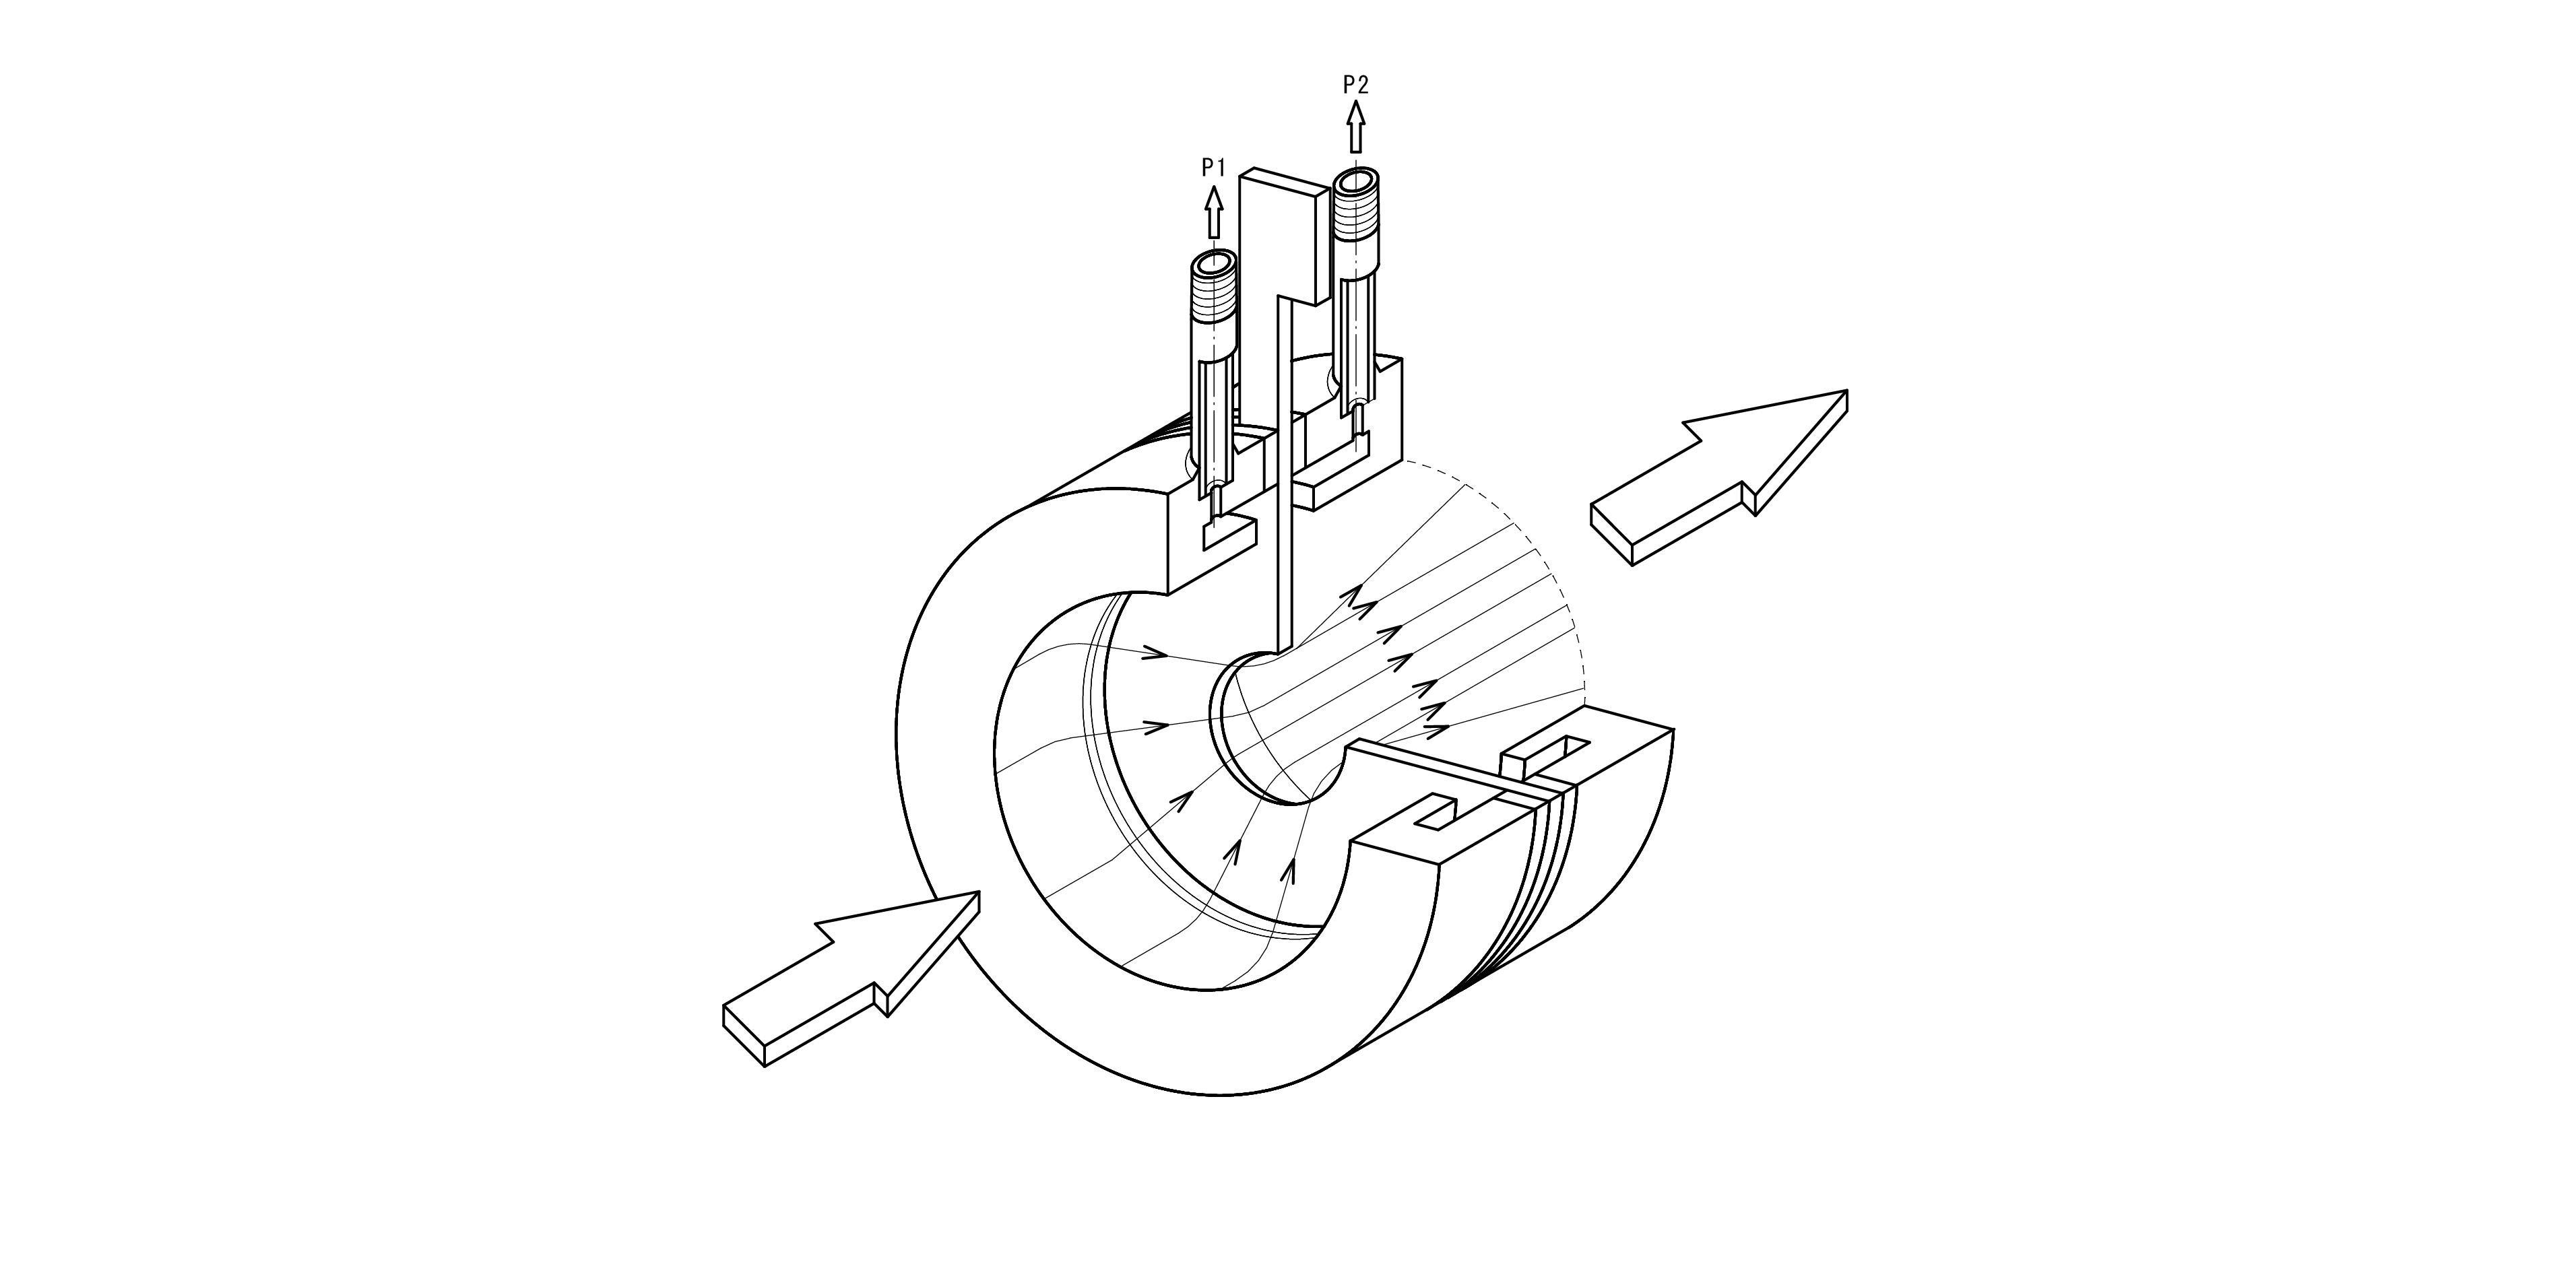 オリフィスリングアッセンブリー断面構造図面